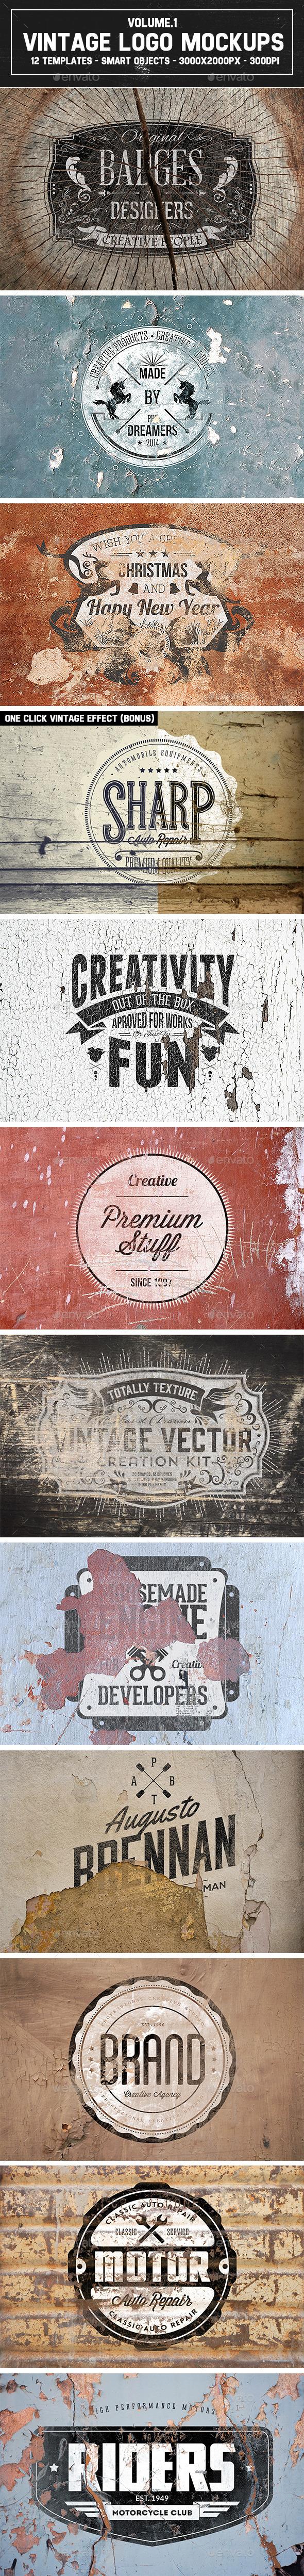 GraphicRiver 12 Vintage Logo Mockups Vol.1 9159219